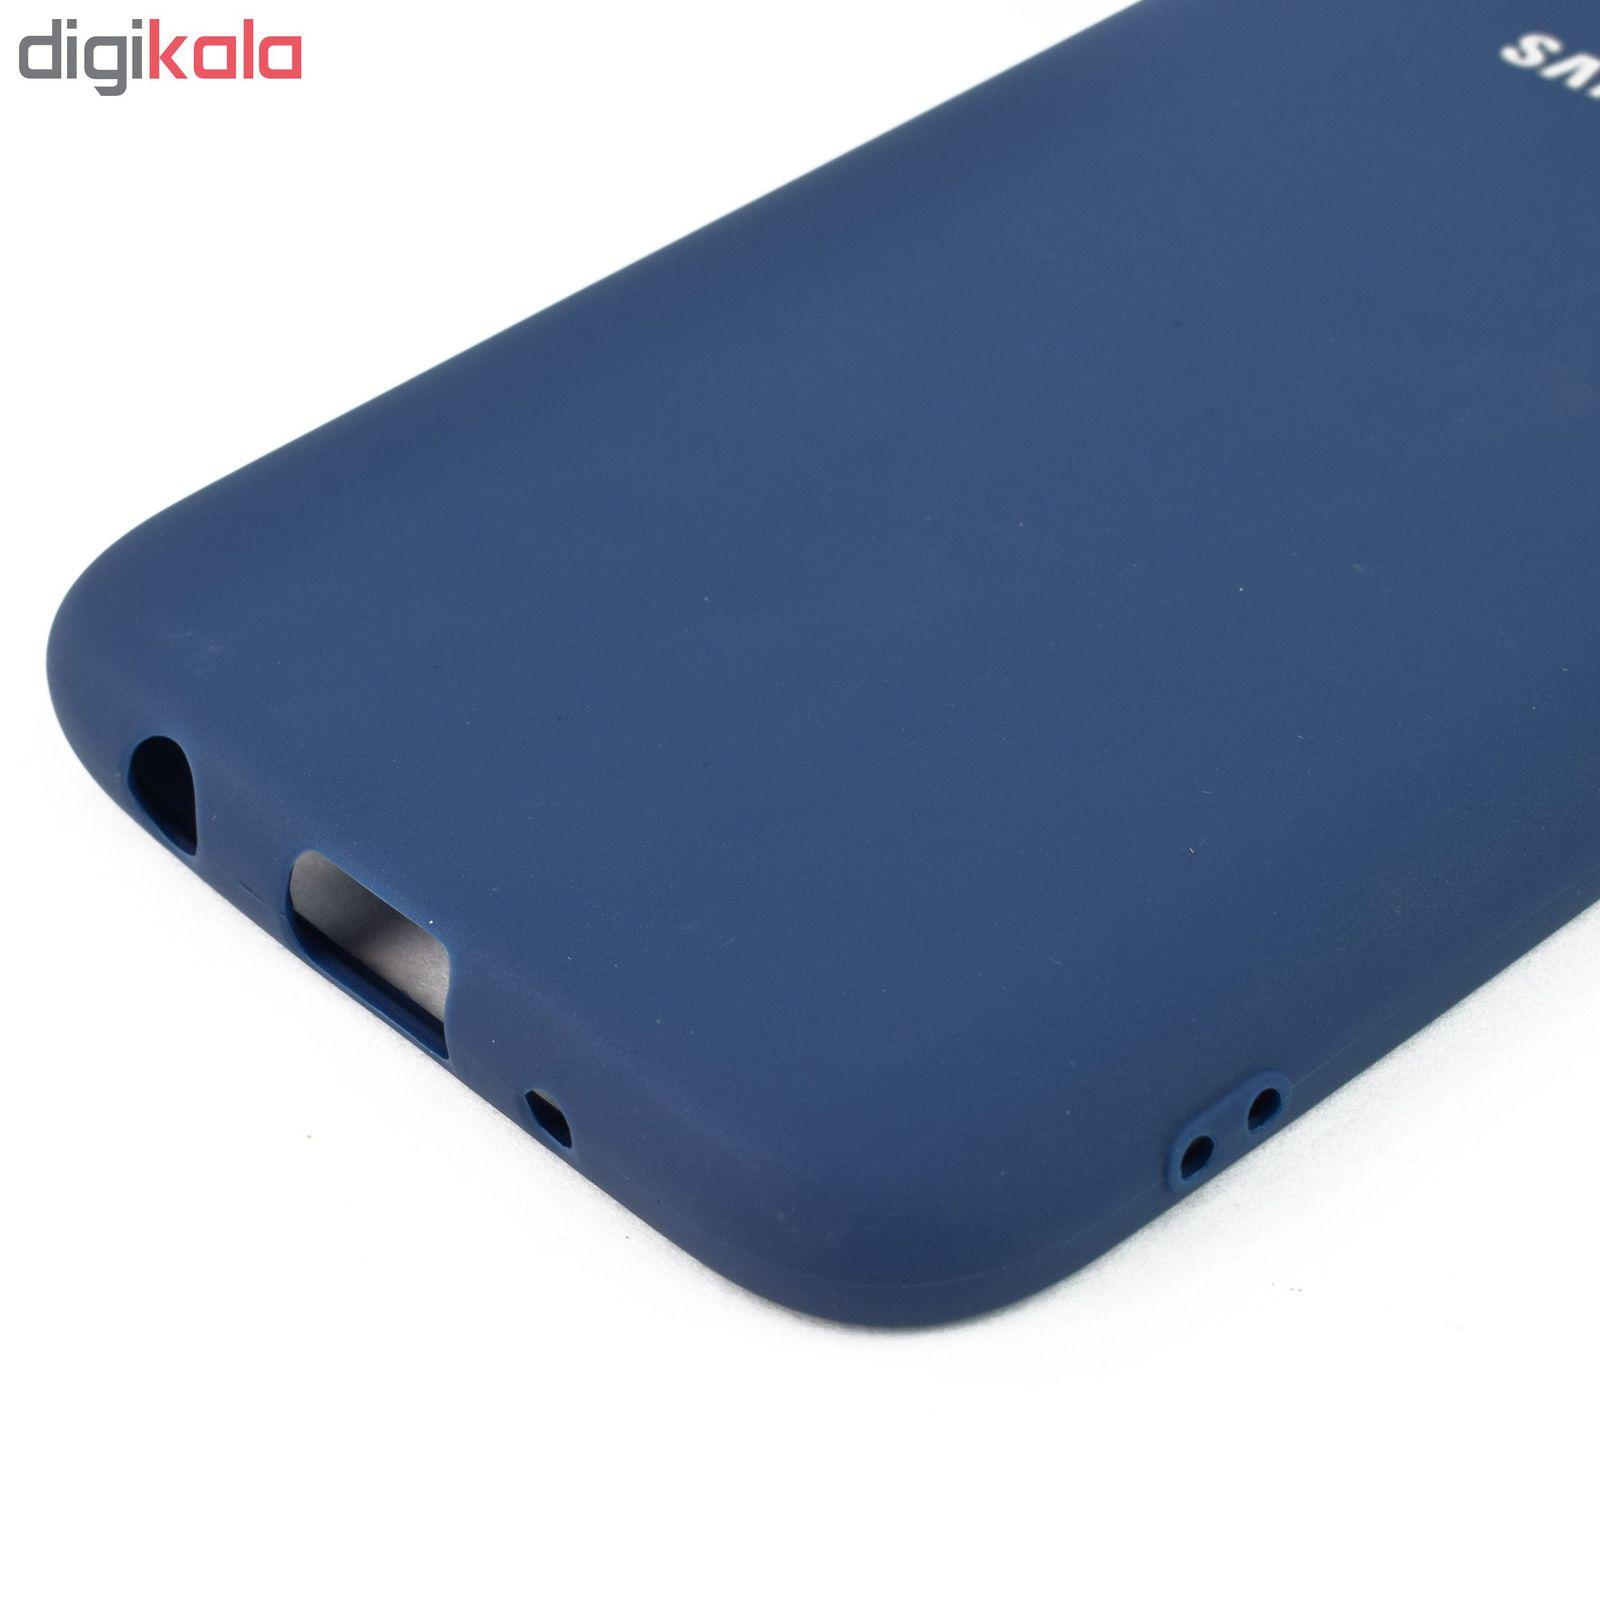 کاور مدل SC20 مناسب برای گوشی موبایل سامسونگ Galaxy J7 Pro / J730 main 1 9